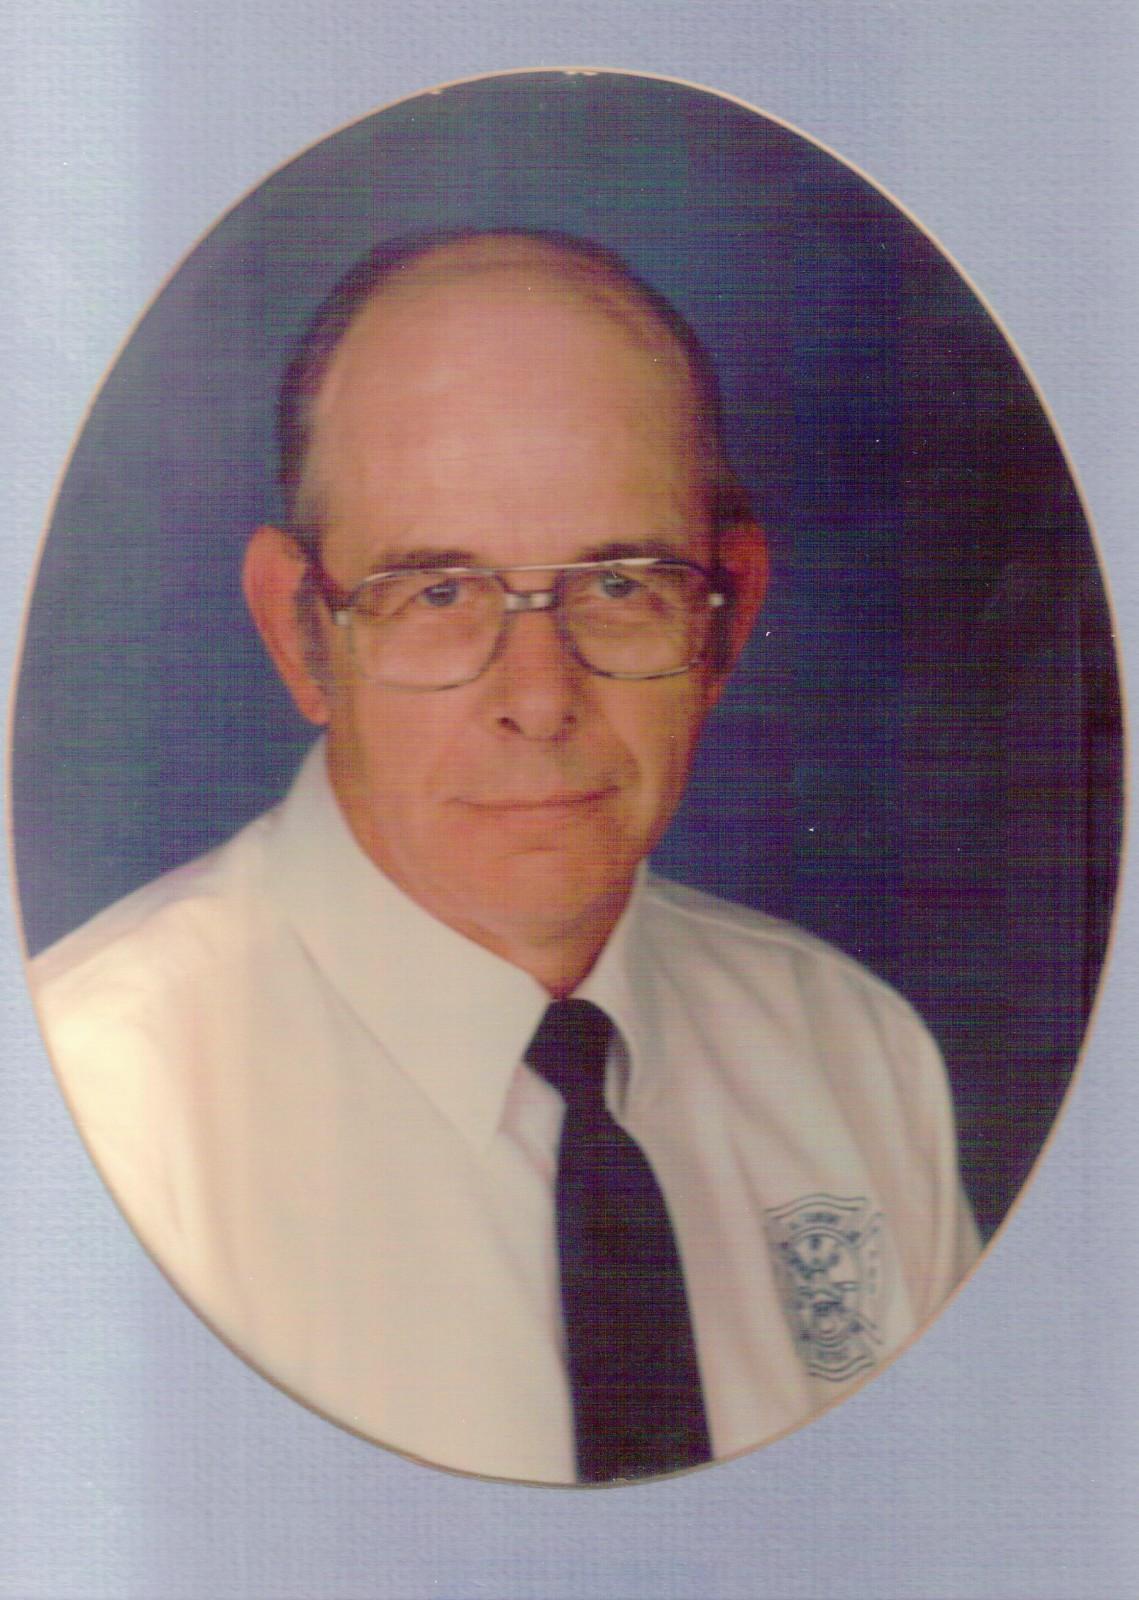 Roy B. Feldkamp